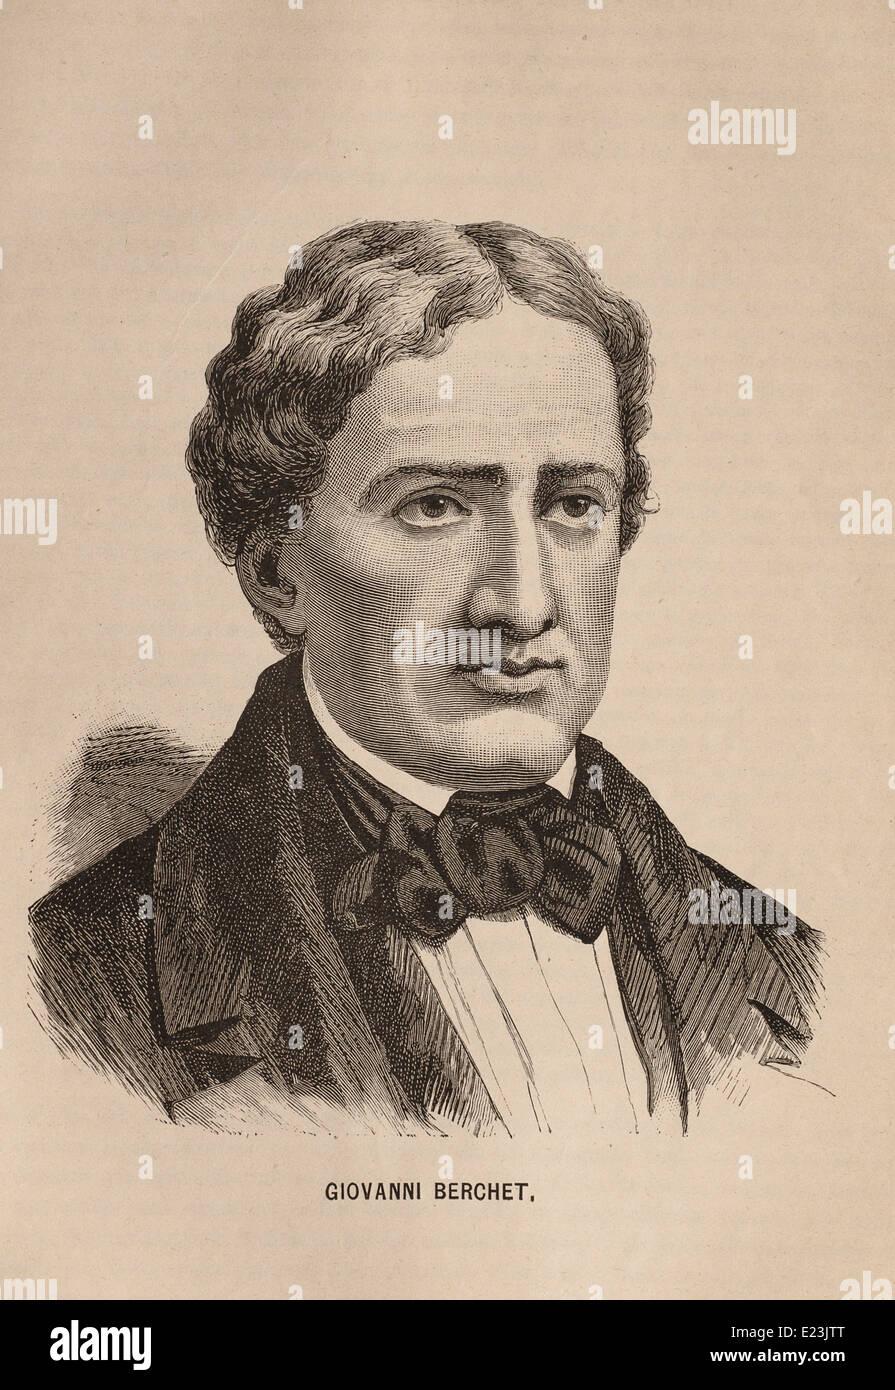 Giuseppe Mazzini dal libro di Jessie W. Mario di vita di Mazzini. Ritratto di Giovanni Berchet Immagini Stock